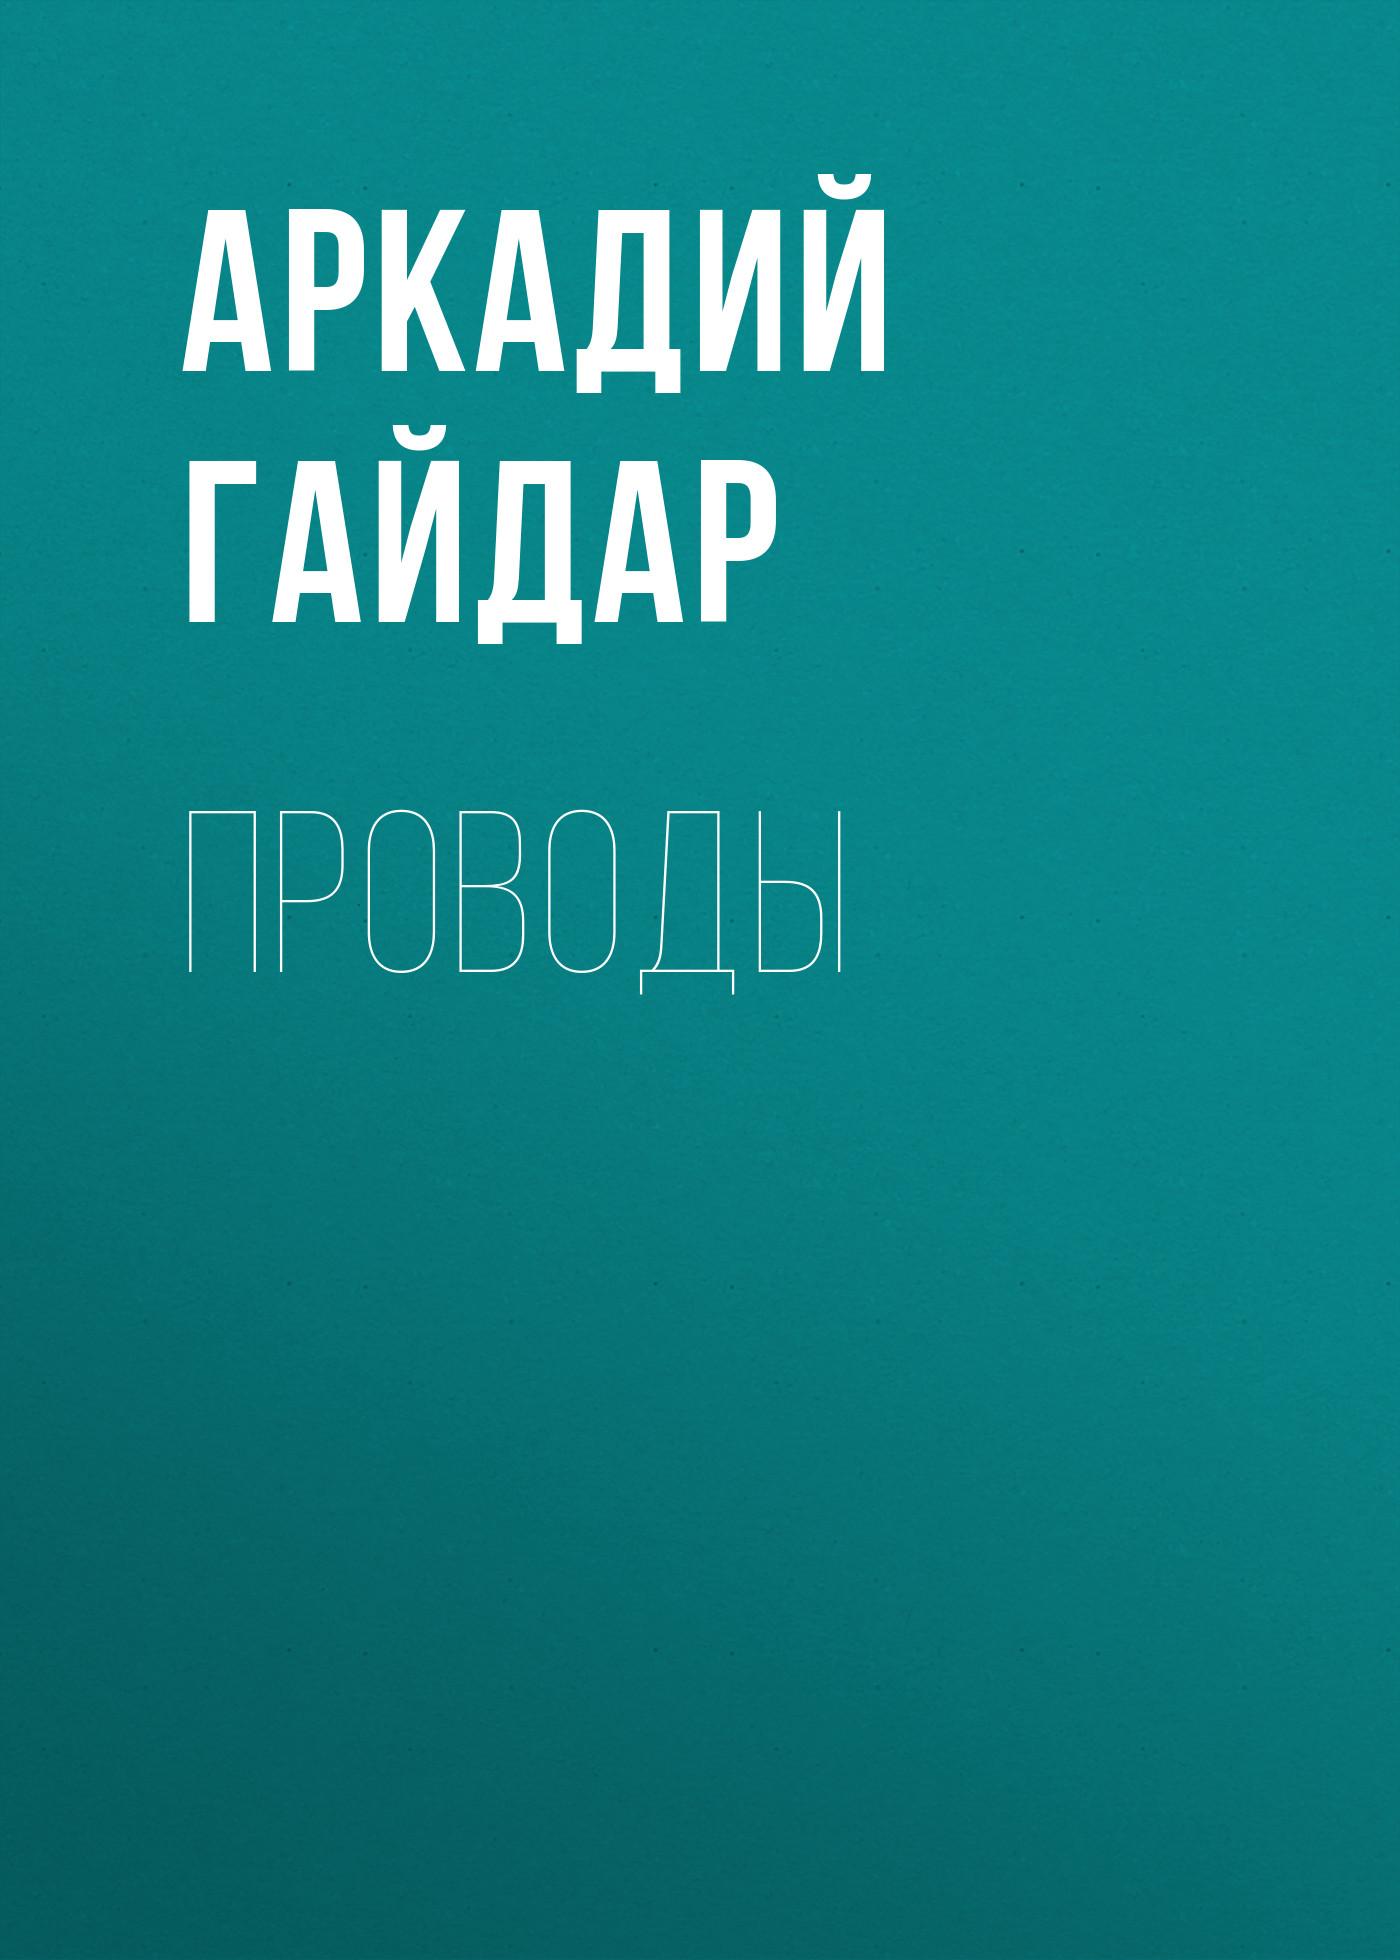 Аркадий Гайдар Проводы аркадий гайдар проводы